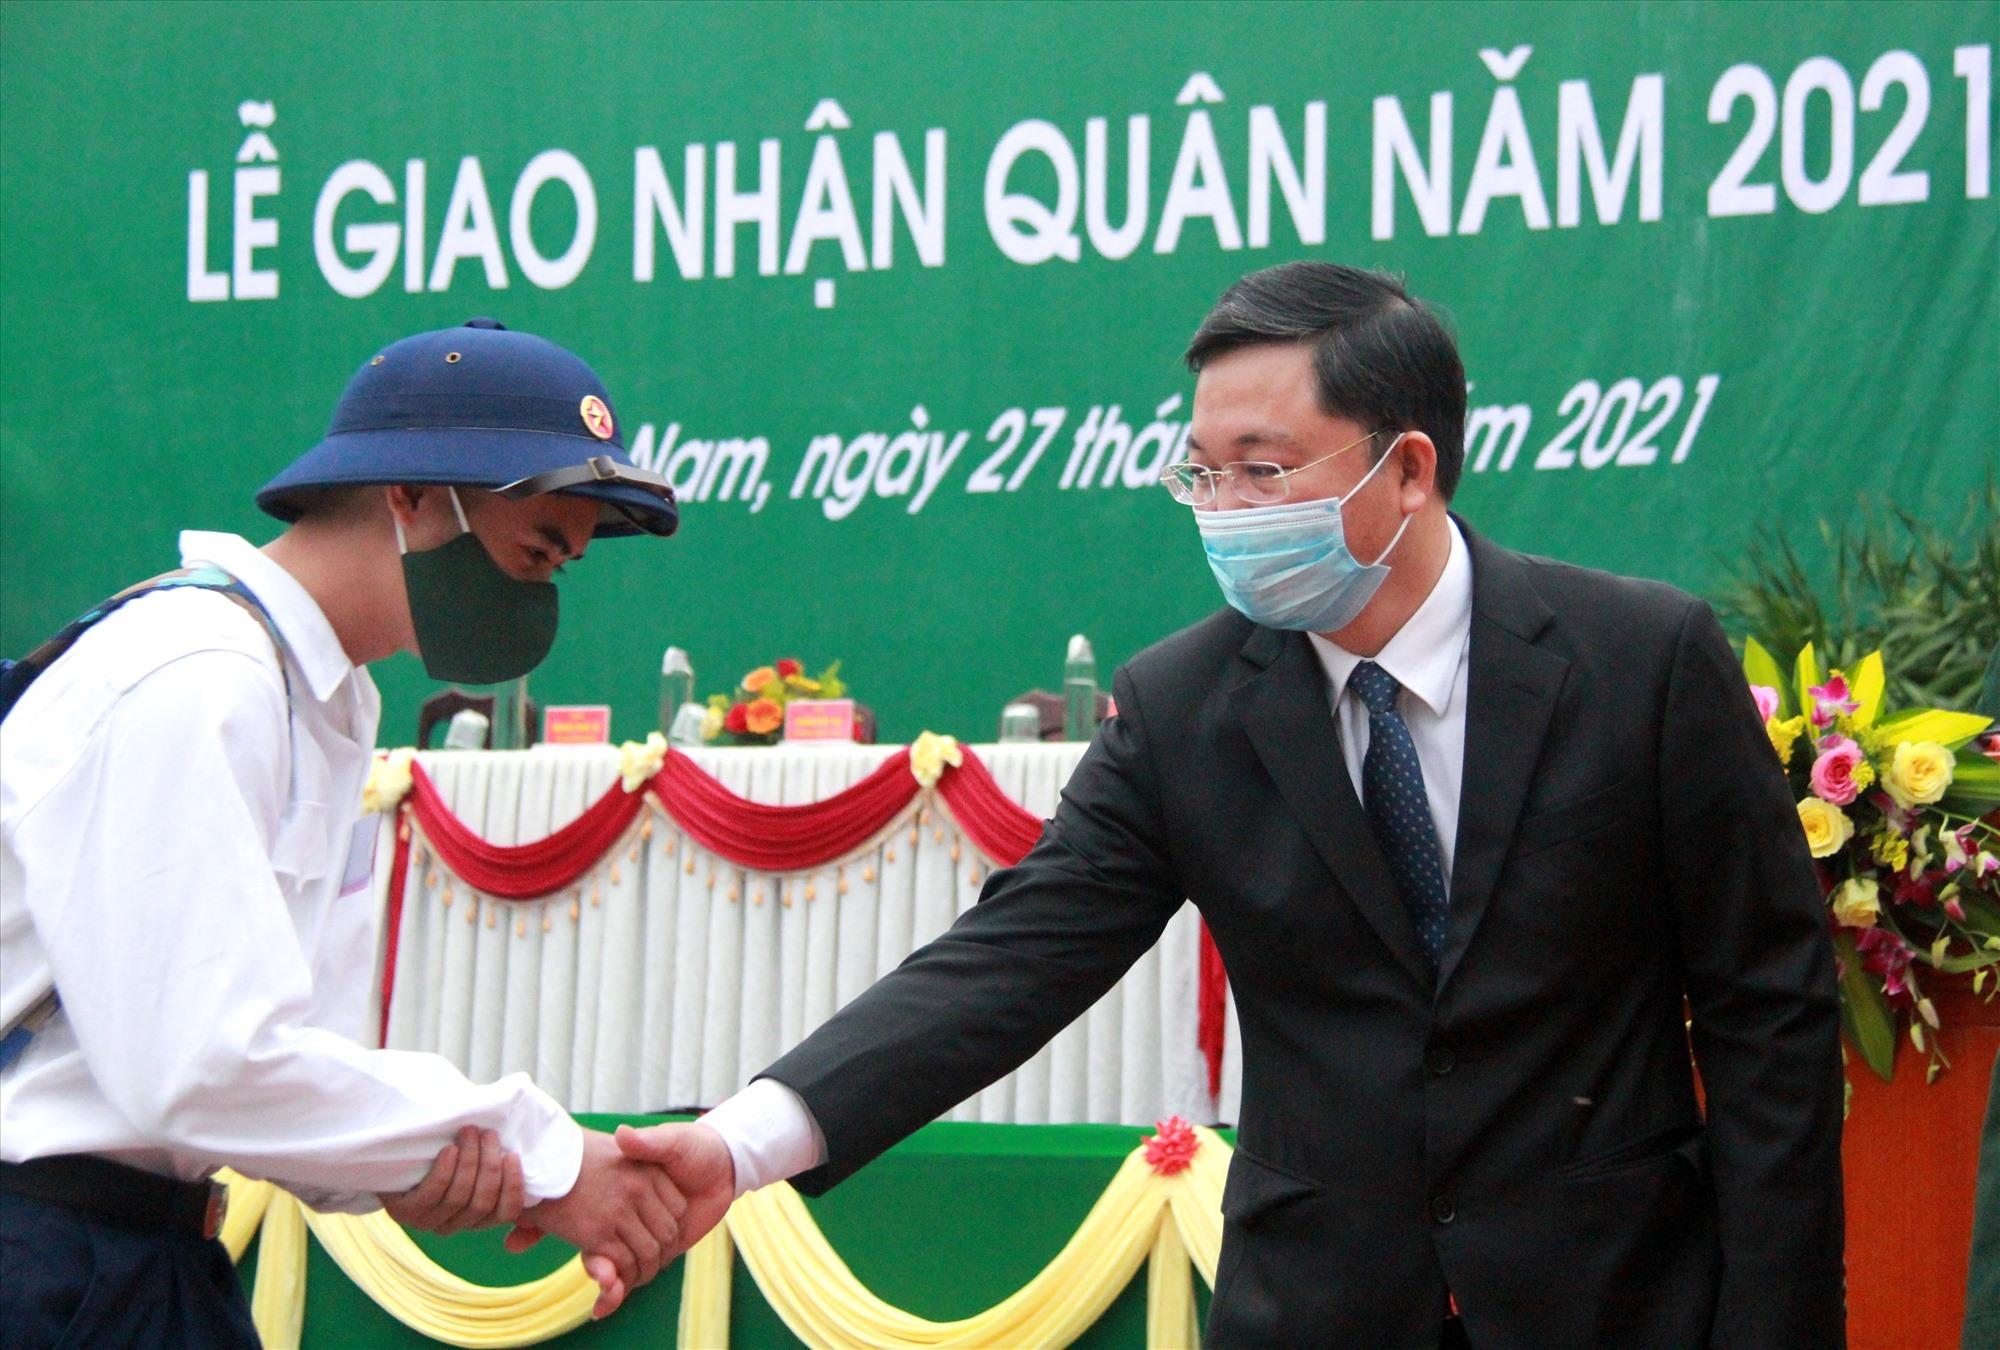 Chủ tịch UBND tỉnh Lê Trí Thanh bắt tay động viên chiến sĩ. Ảnh: ALĂNG NGƯỚC